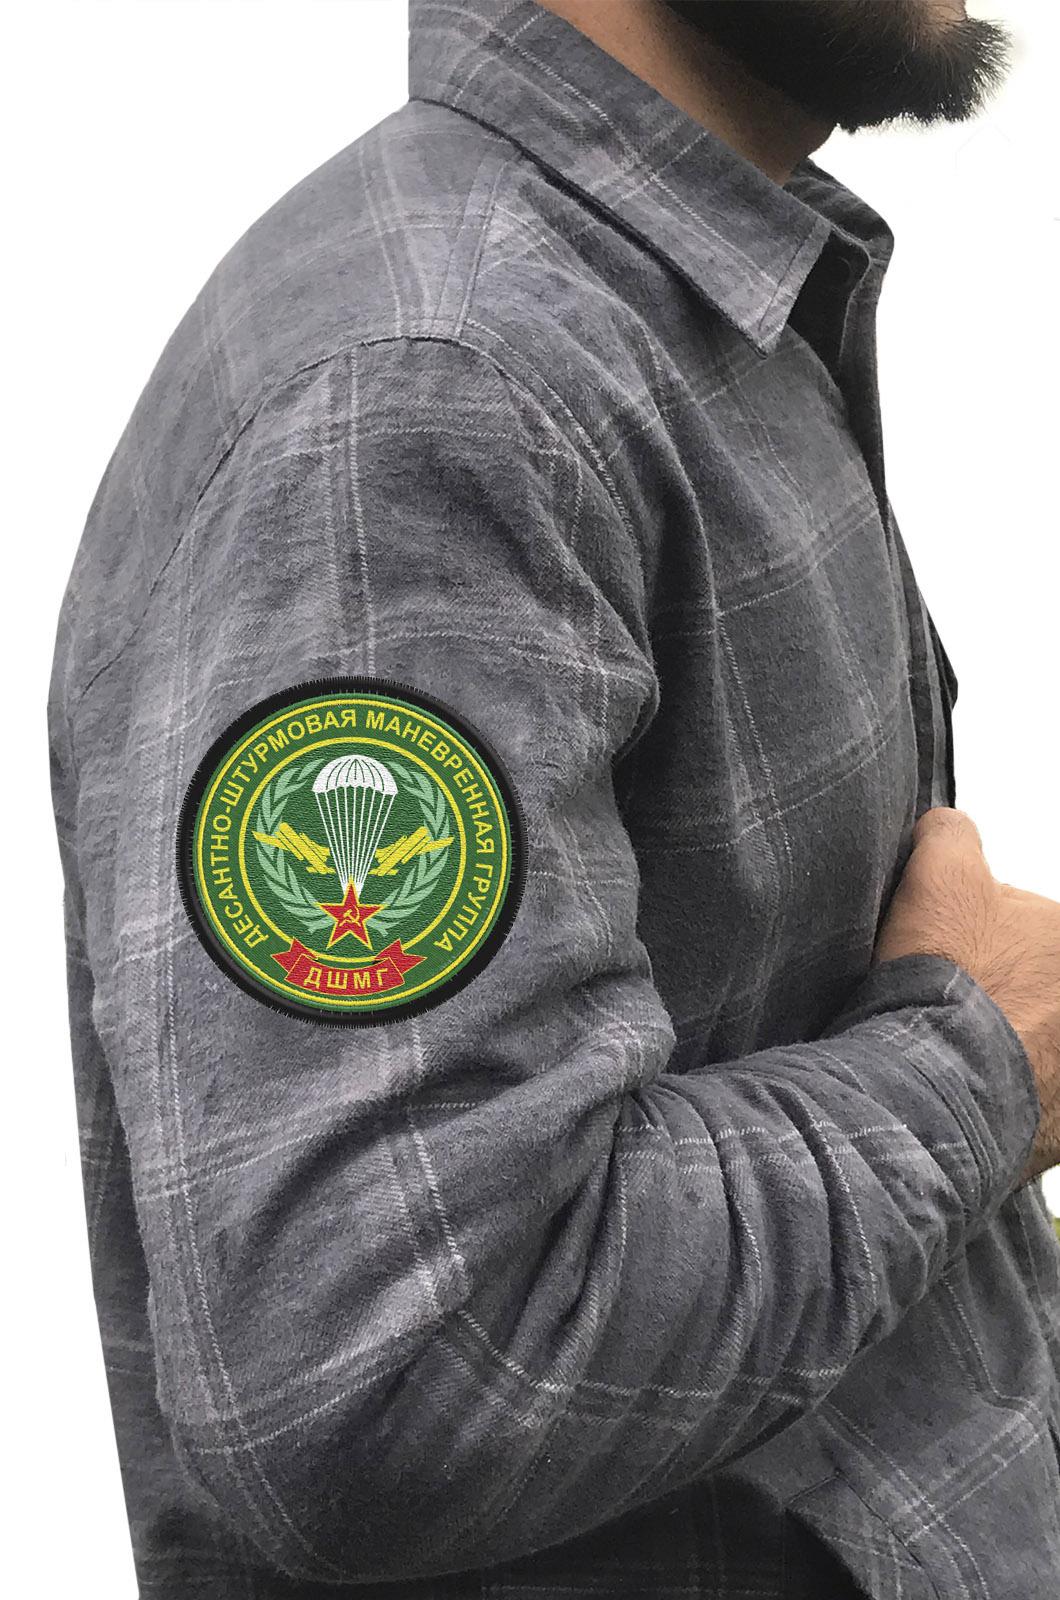 Мужская рубашка с шевроном ДШМГ купить с доставкой